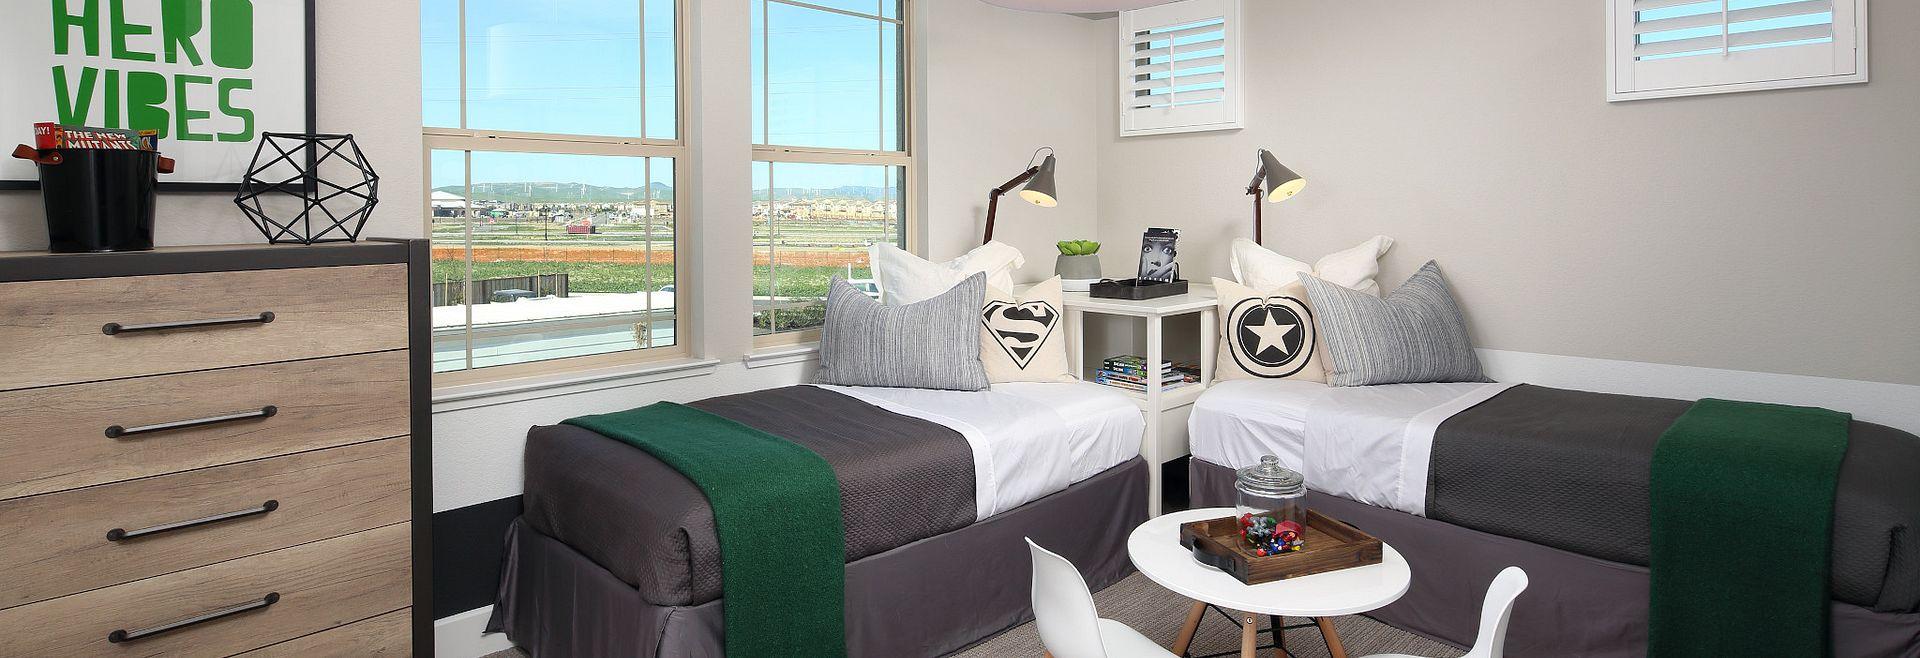 Plan 1 Kids Bedroom